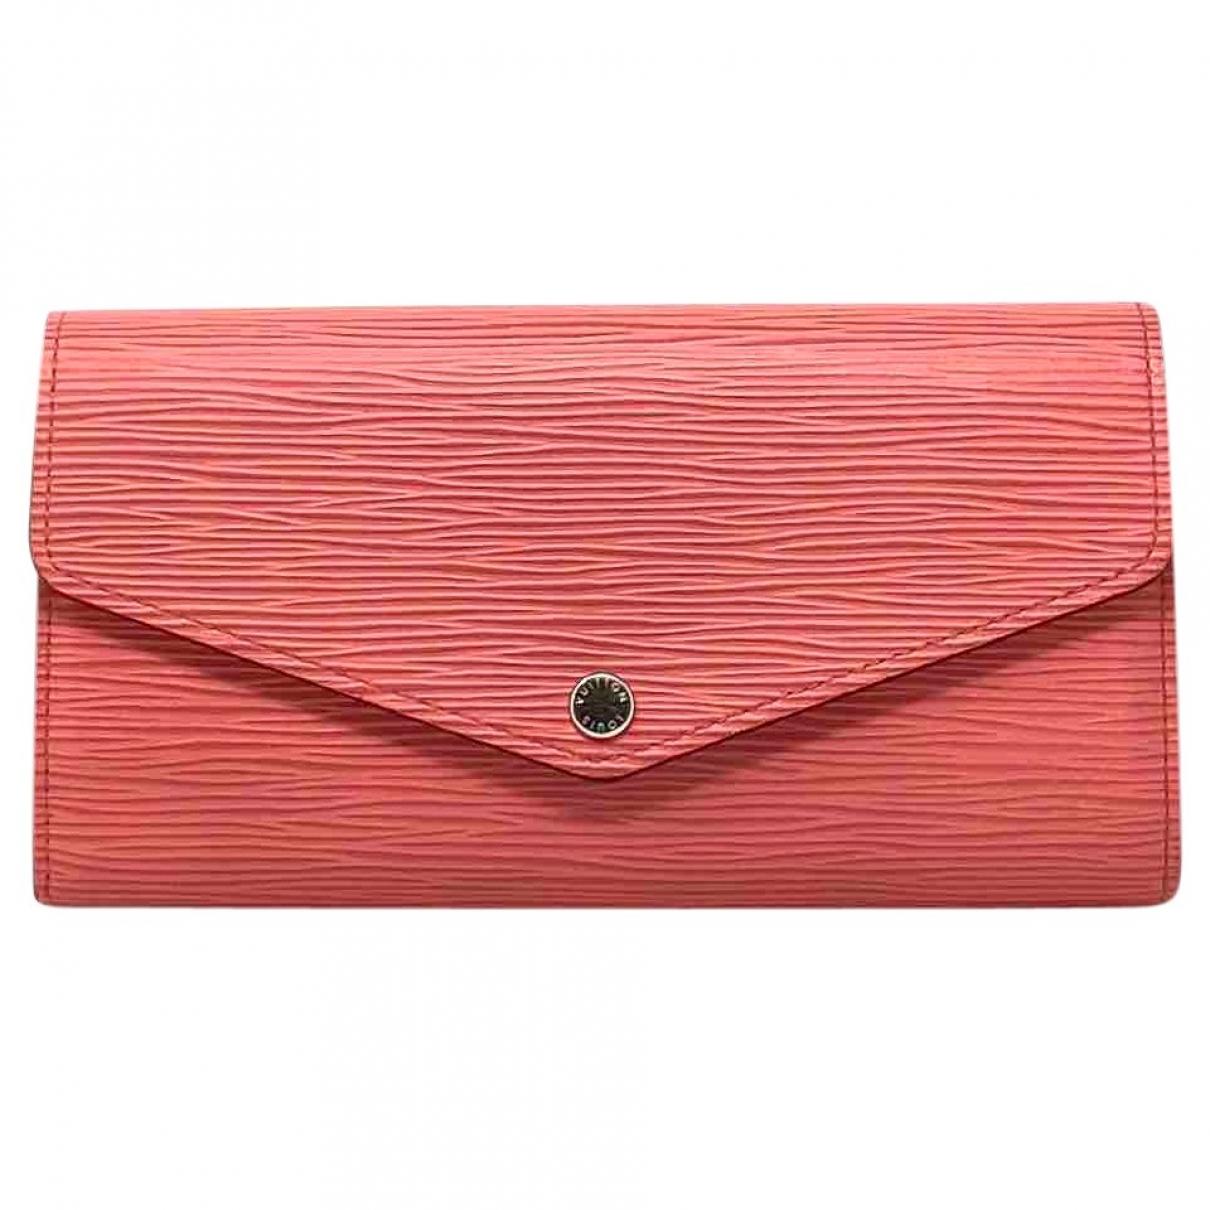 Louis Vuitton - Portefeuille Sarah pour femme en cuir - rose